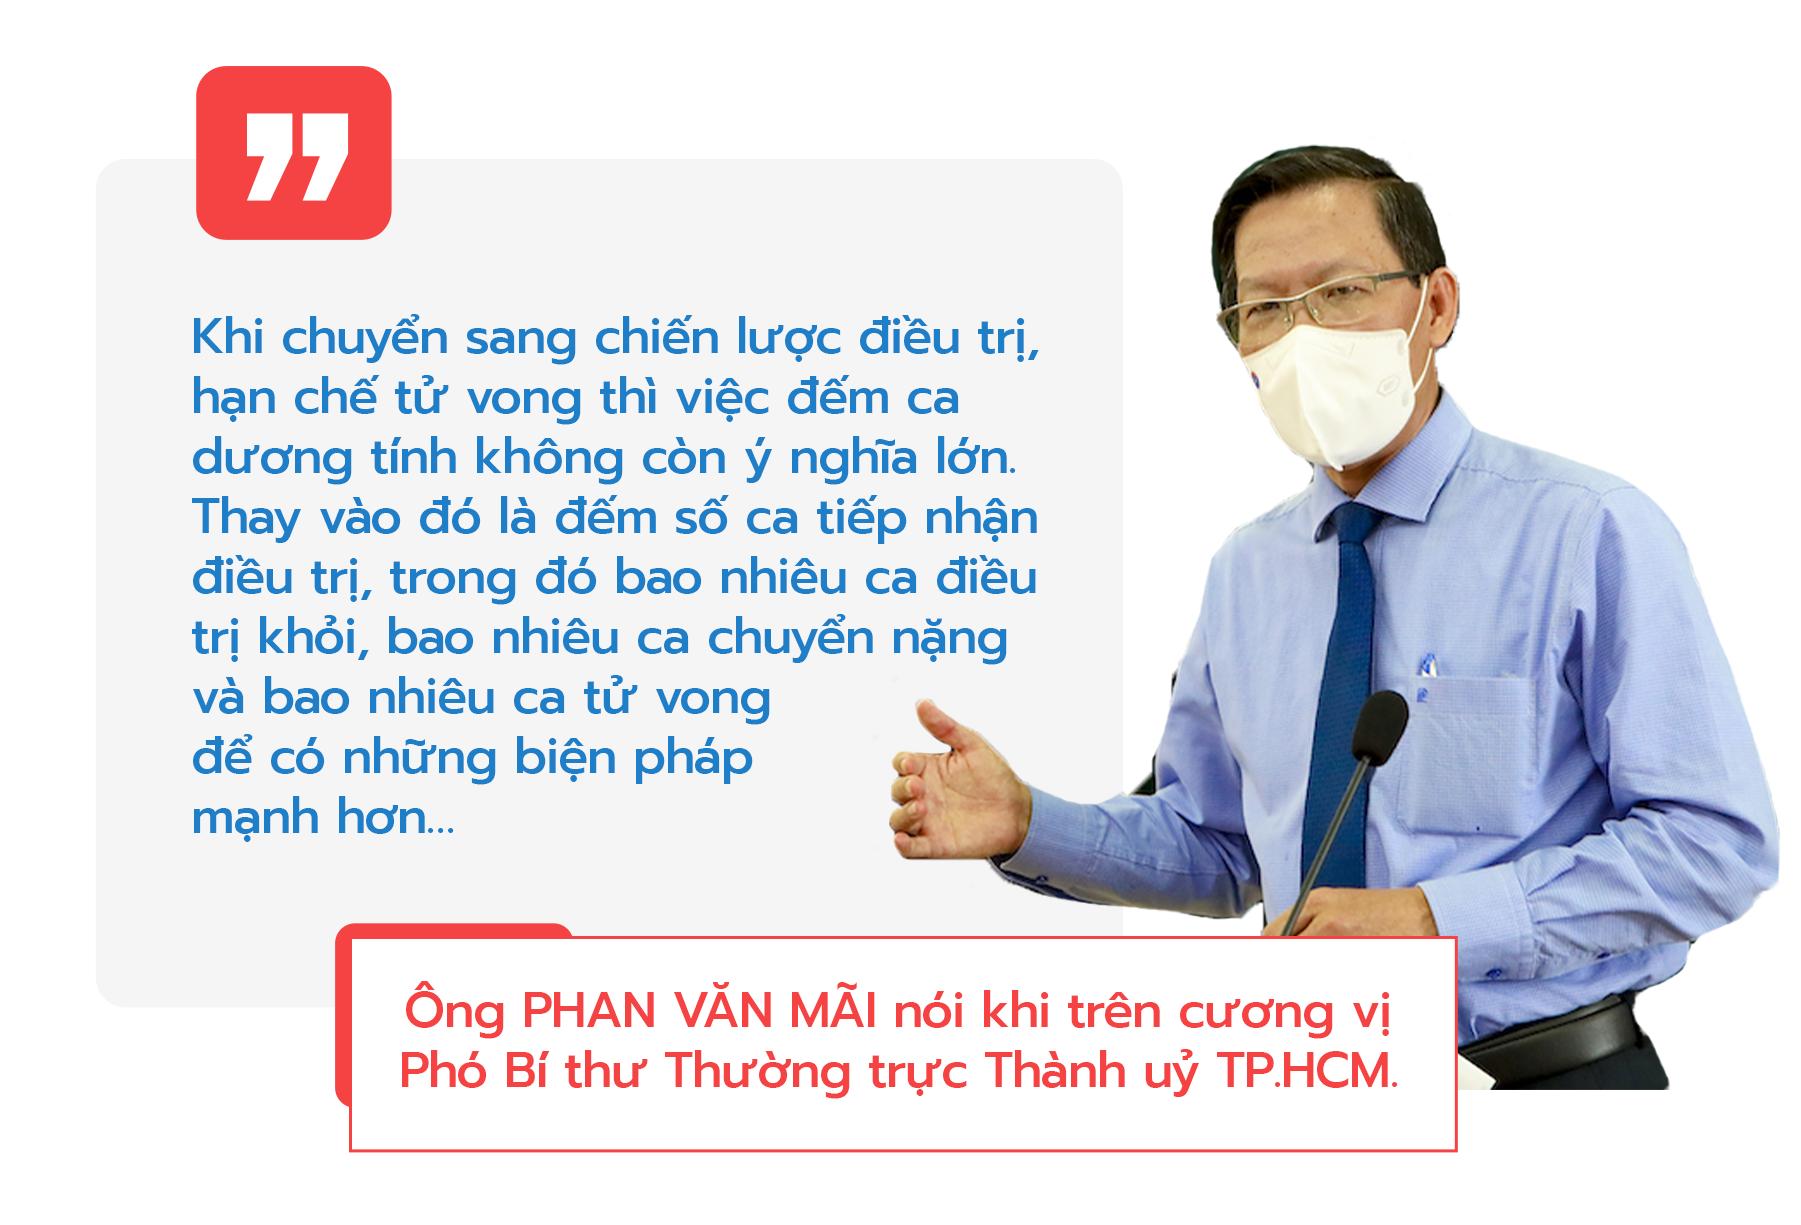 Emagazine: TP.HCM và cuộc chiến xoay chiều trước đại dịch COVID-19 - ảnh 12